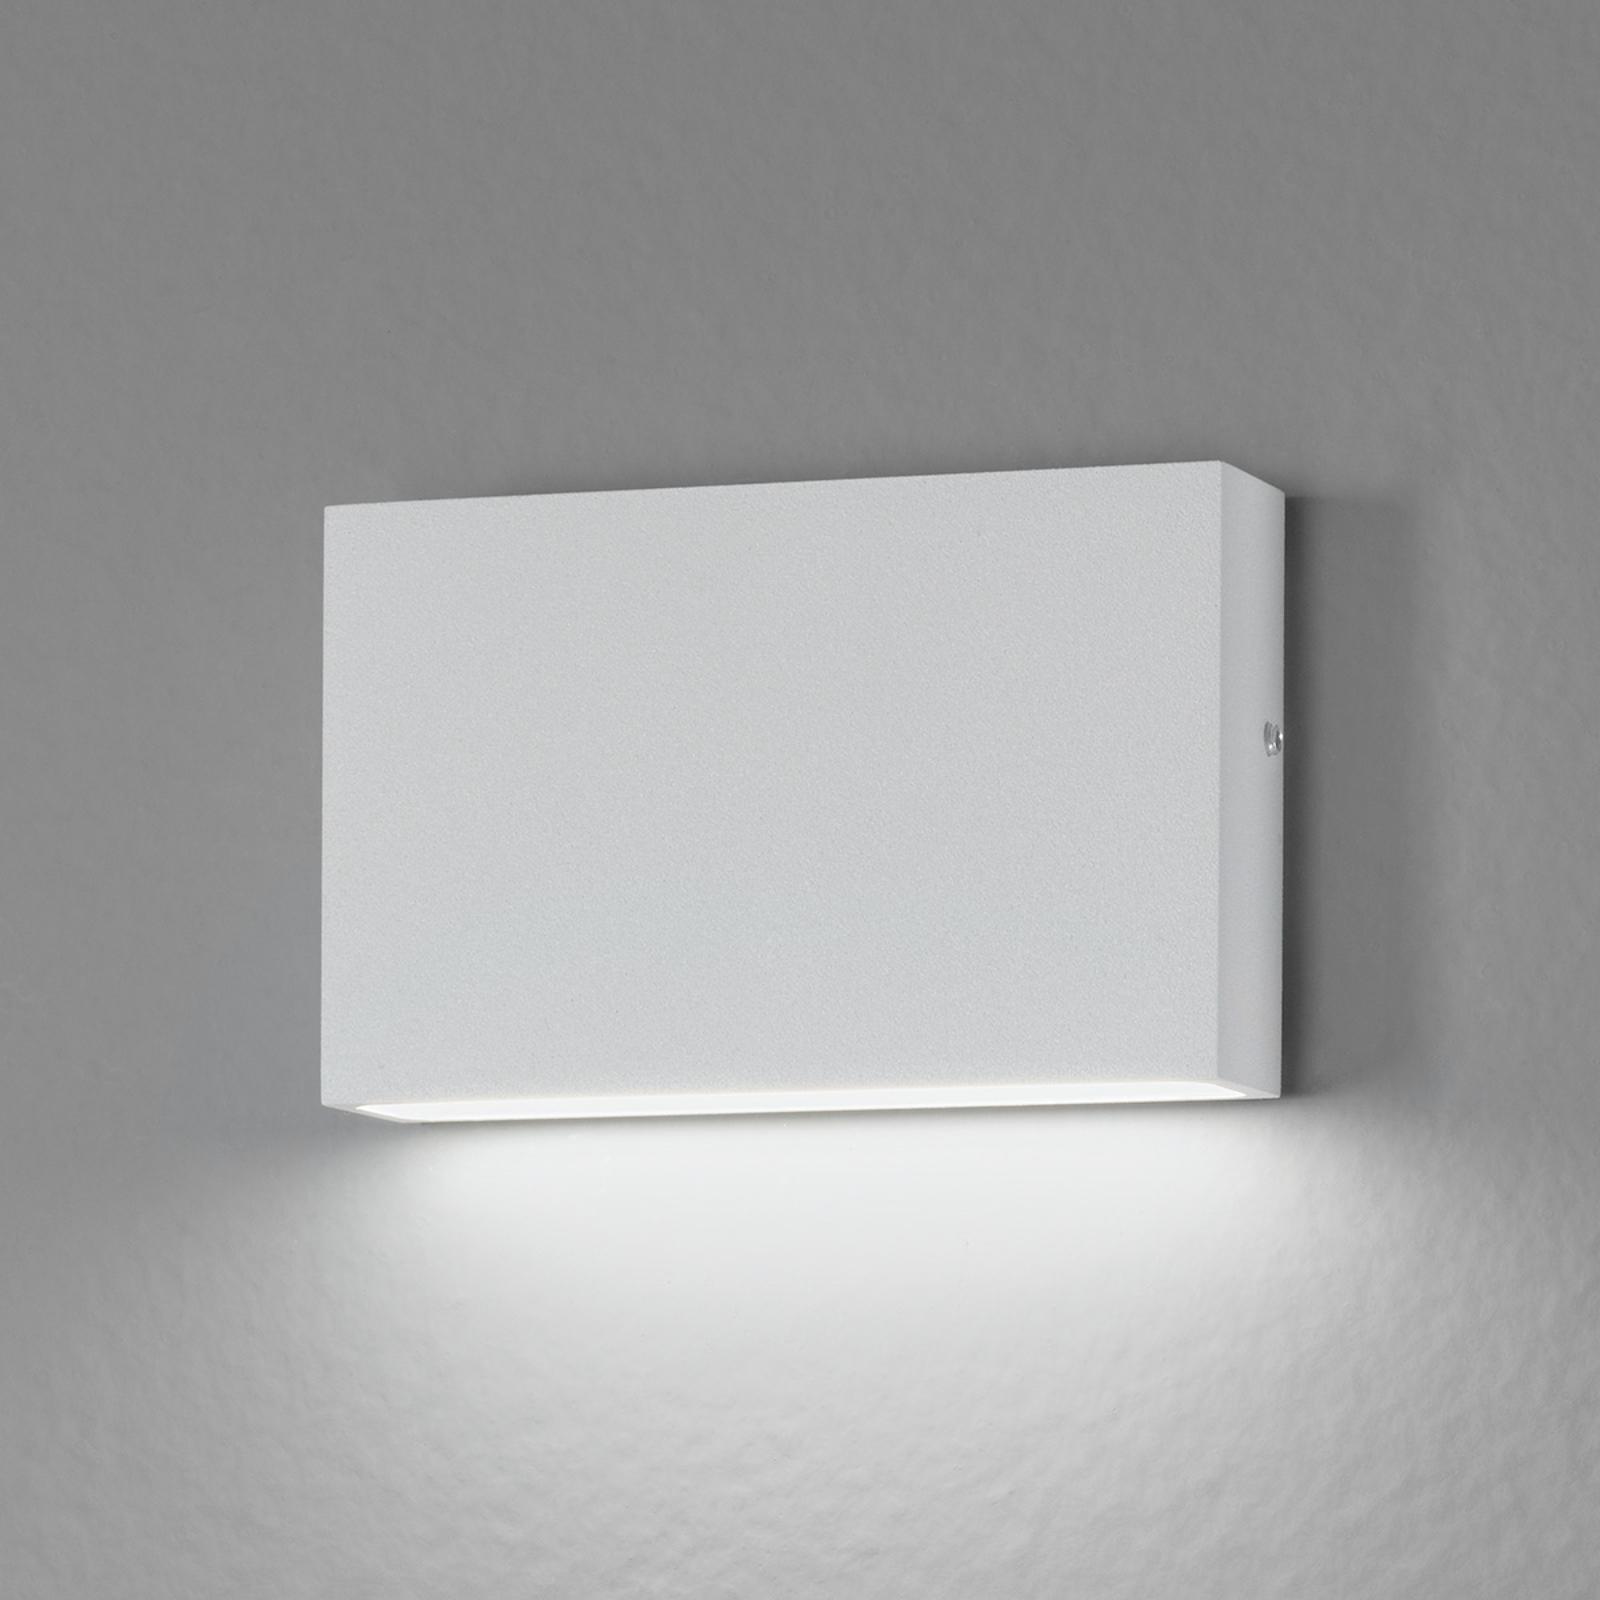 Voor binnen en buiten - LED wandlamp Flatbox